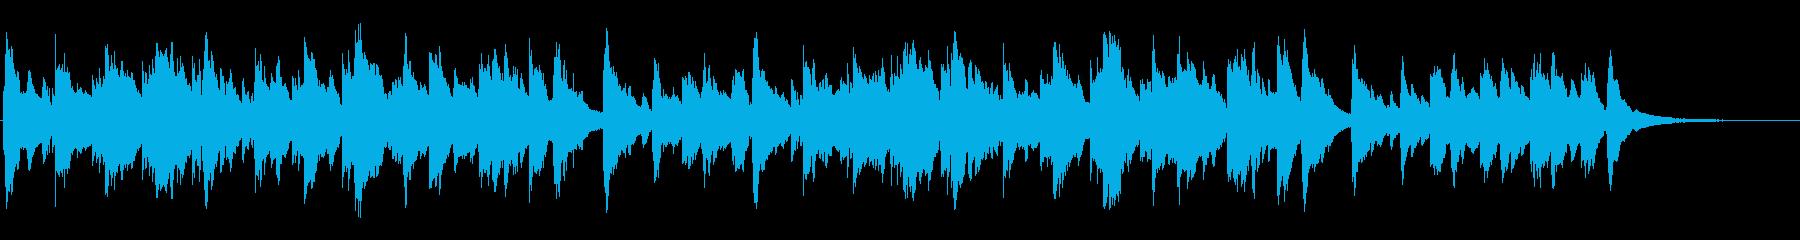 おだやか サーフ 海岸 海辺 波音の再生済みの波形